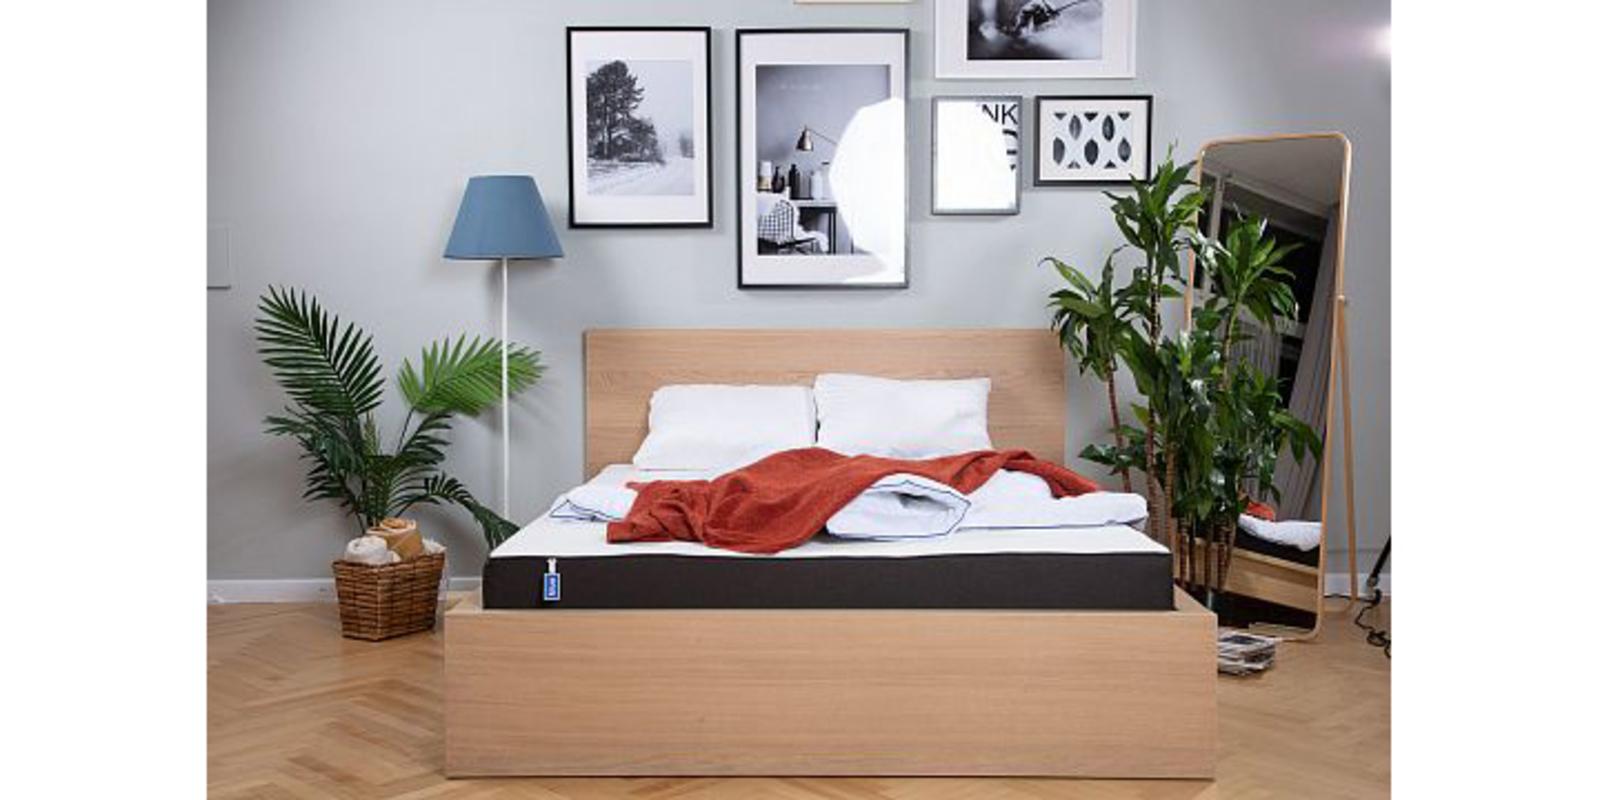 Матрас HomeMe Blue Sleep Concept от Homeme.ru